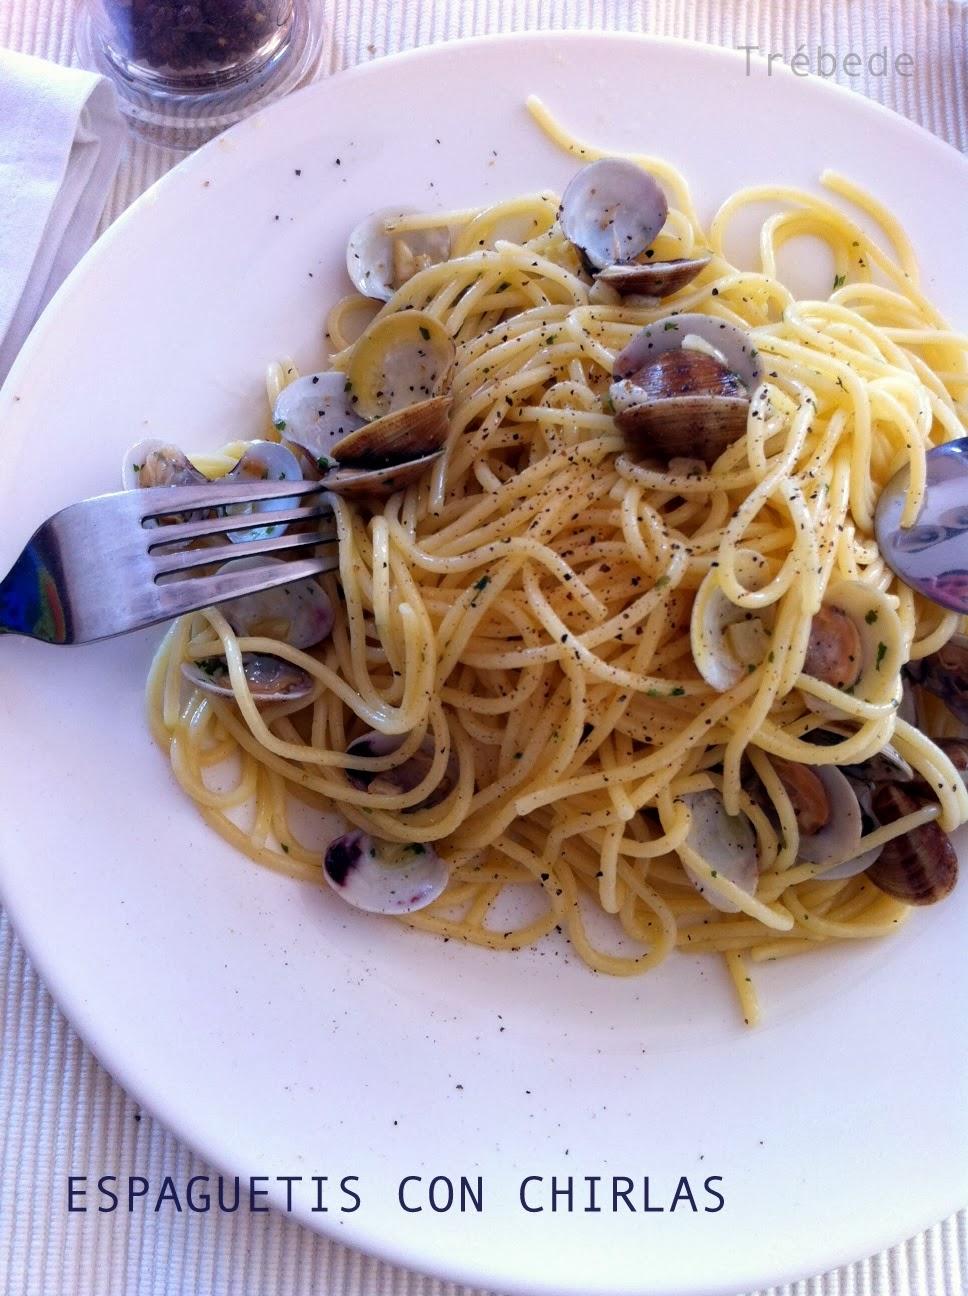 Tr bede espaguetis con chirlas - Espaguetis con chirlas ...